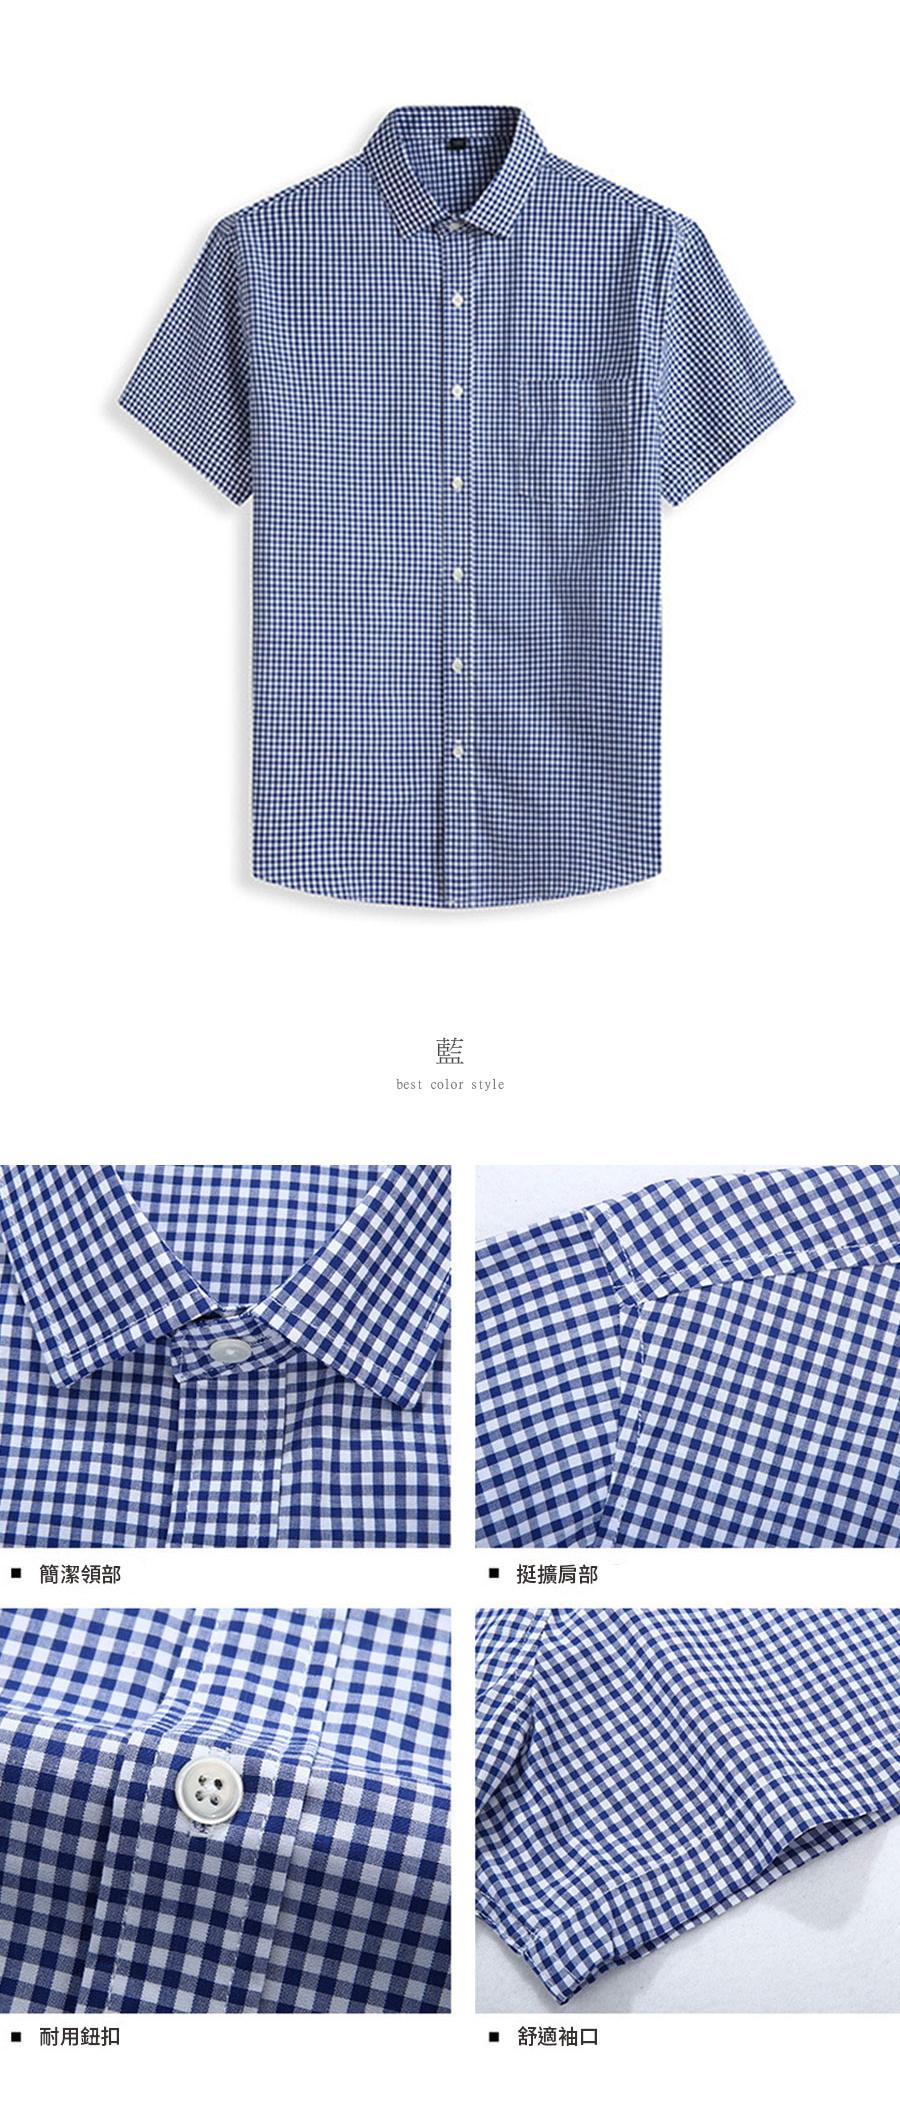 大尺碼.細格紋 純棉短袖襯衫